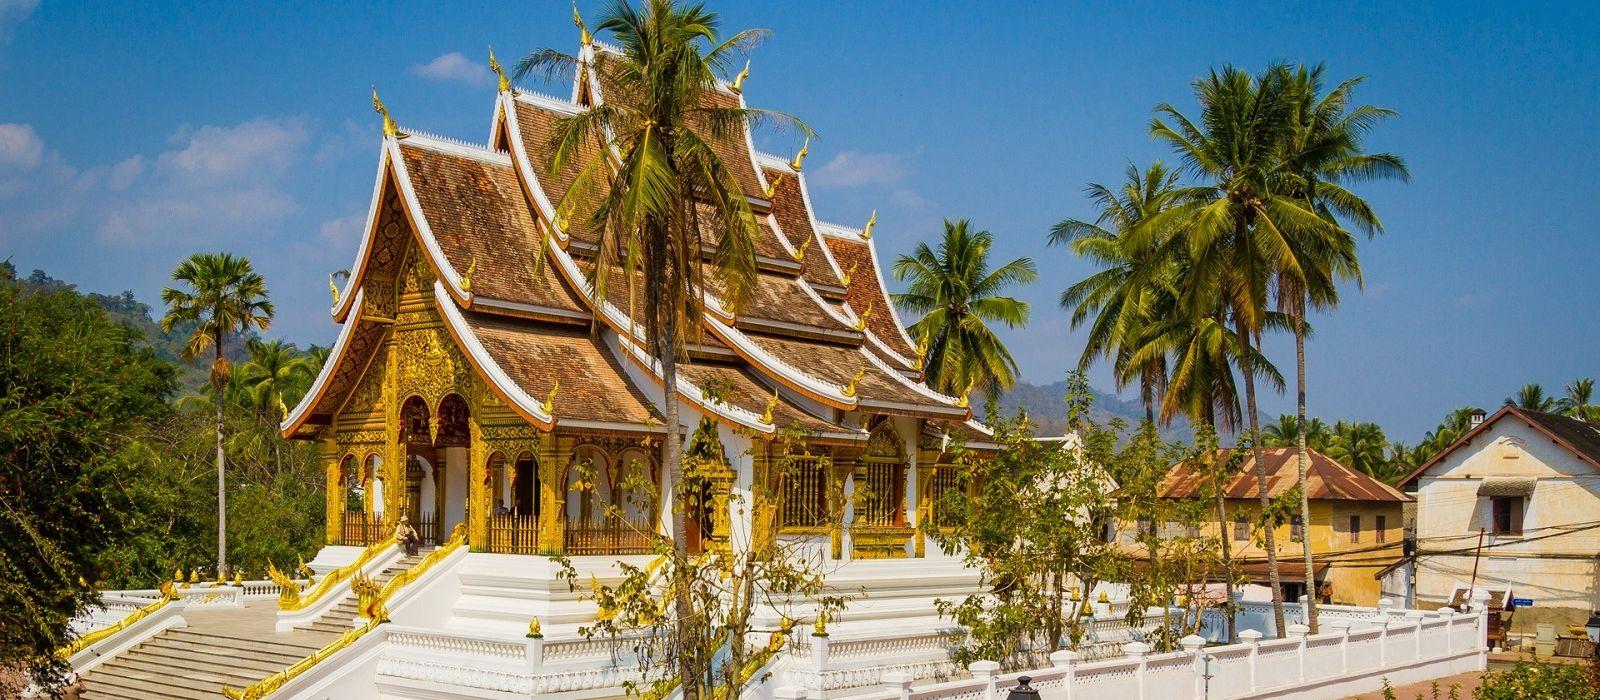 Verlieren Sie sich in der Schönheit von Laos Urlaub 7